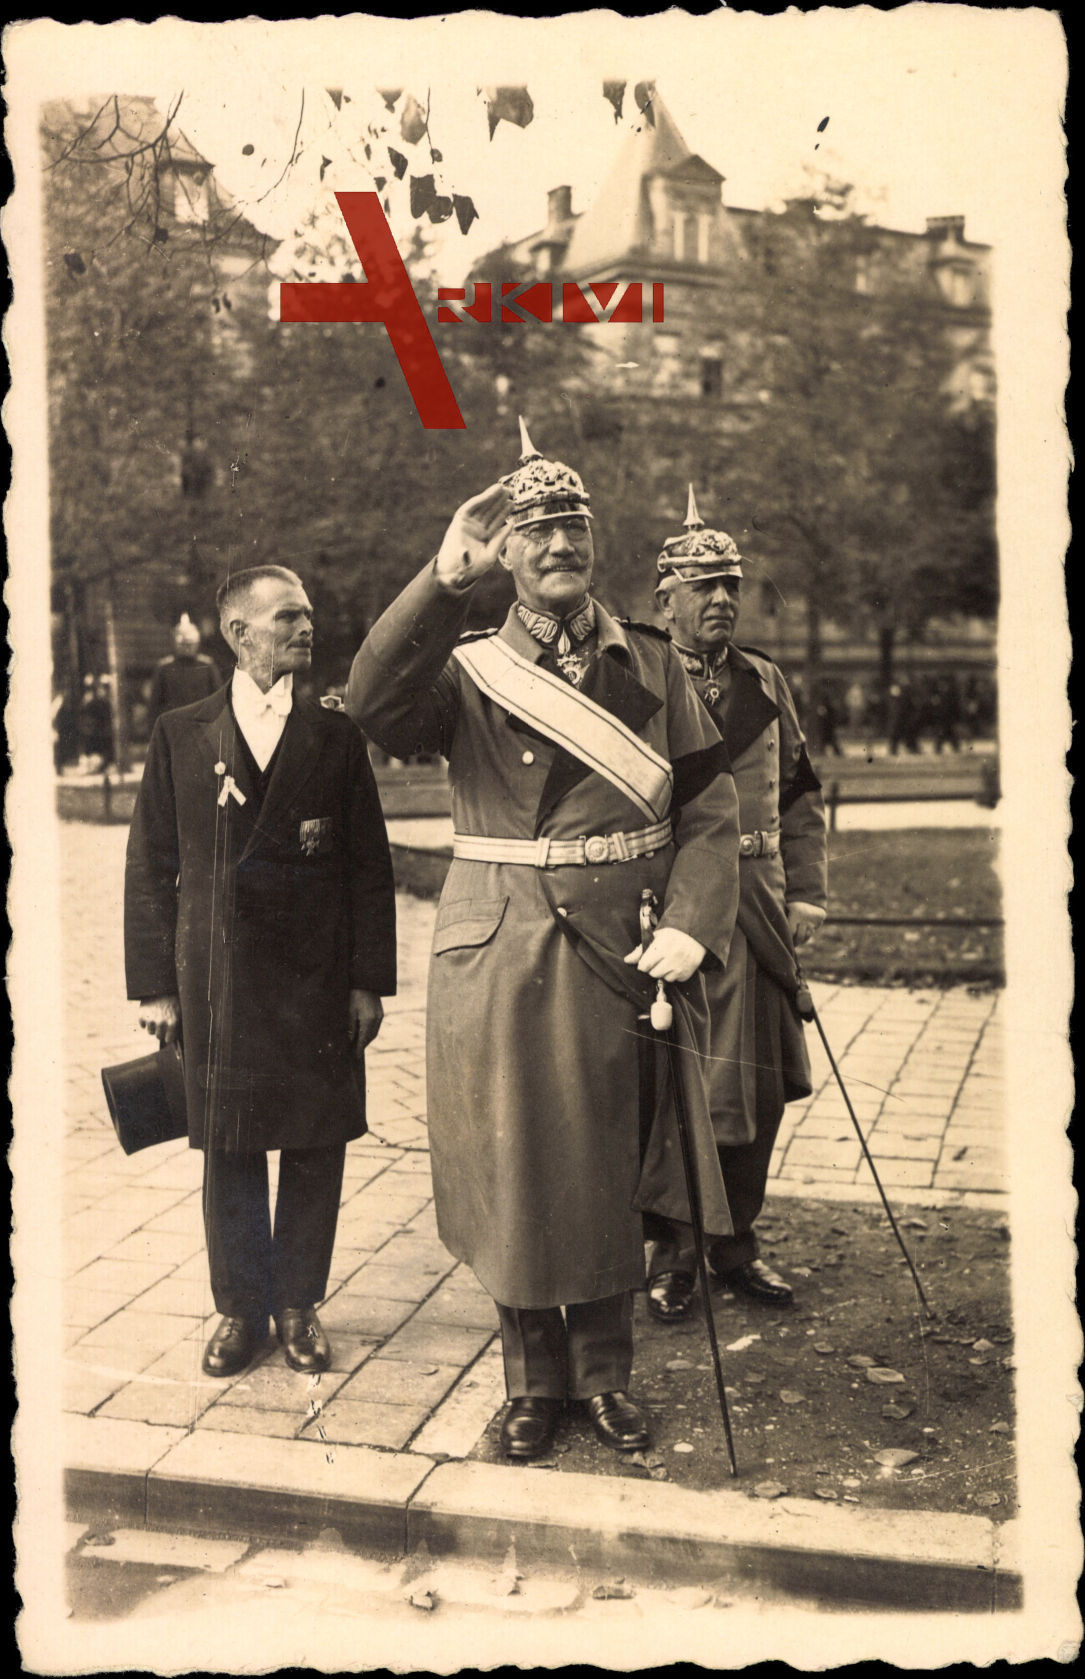 Prinz Alfons von Bayern grüßend in Uniform, Säbel